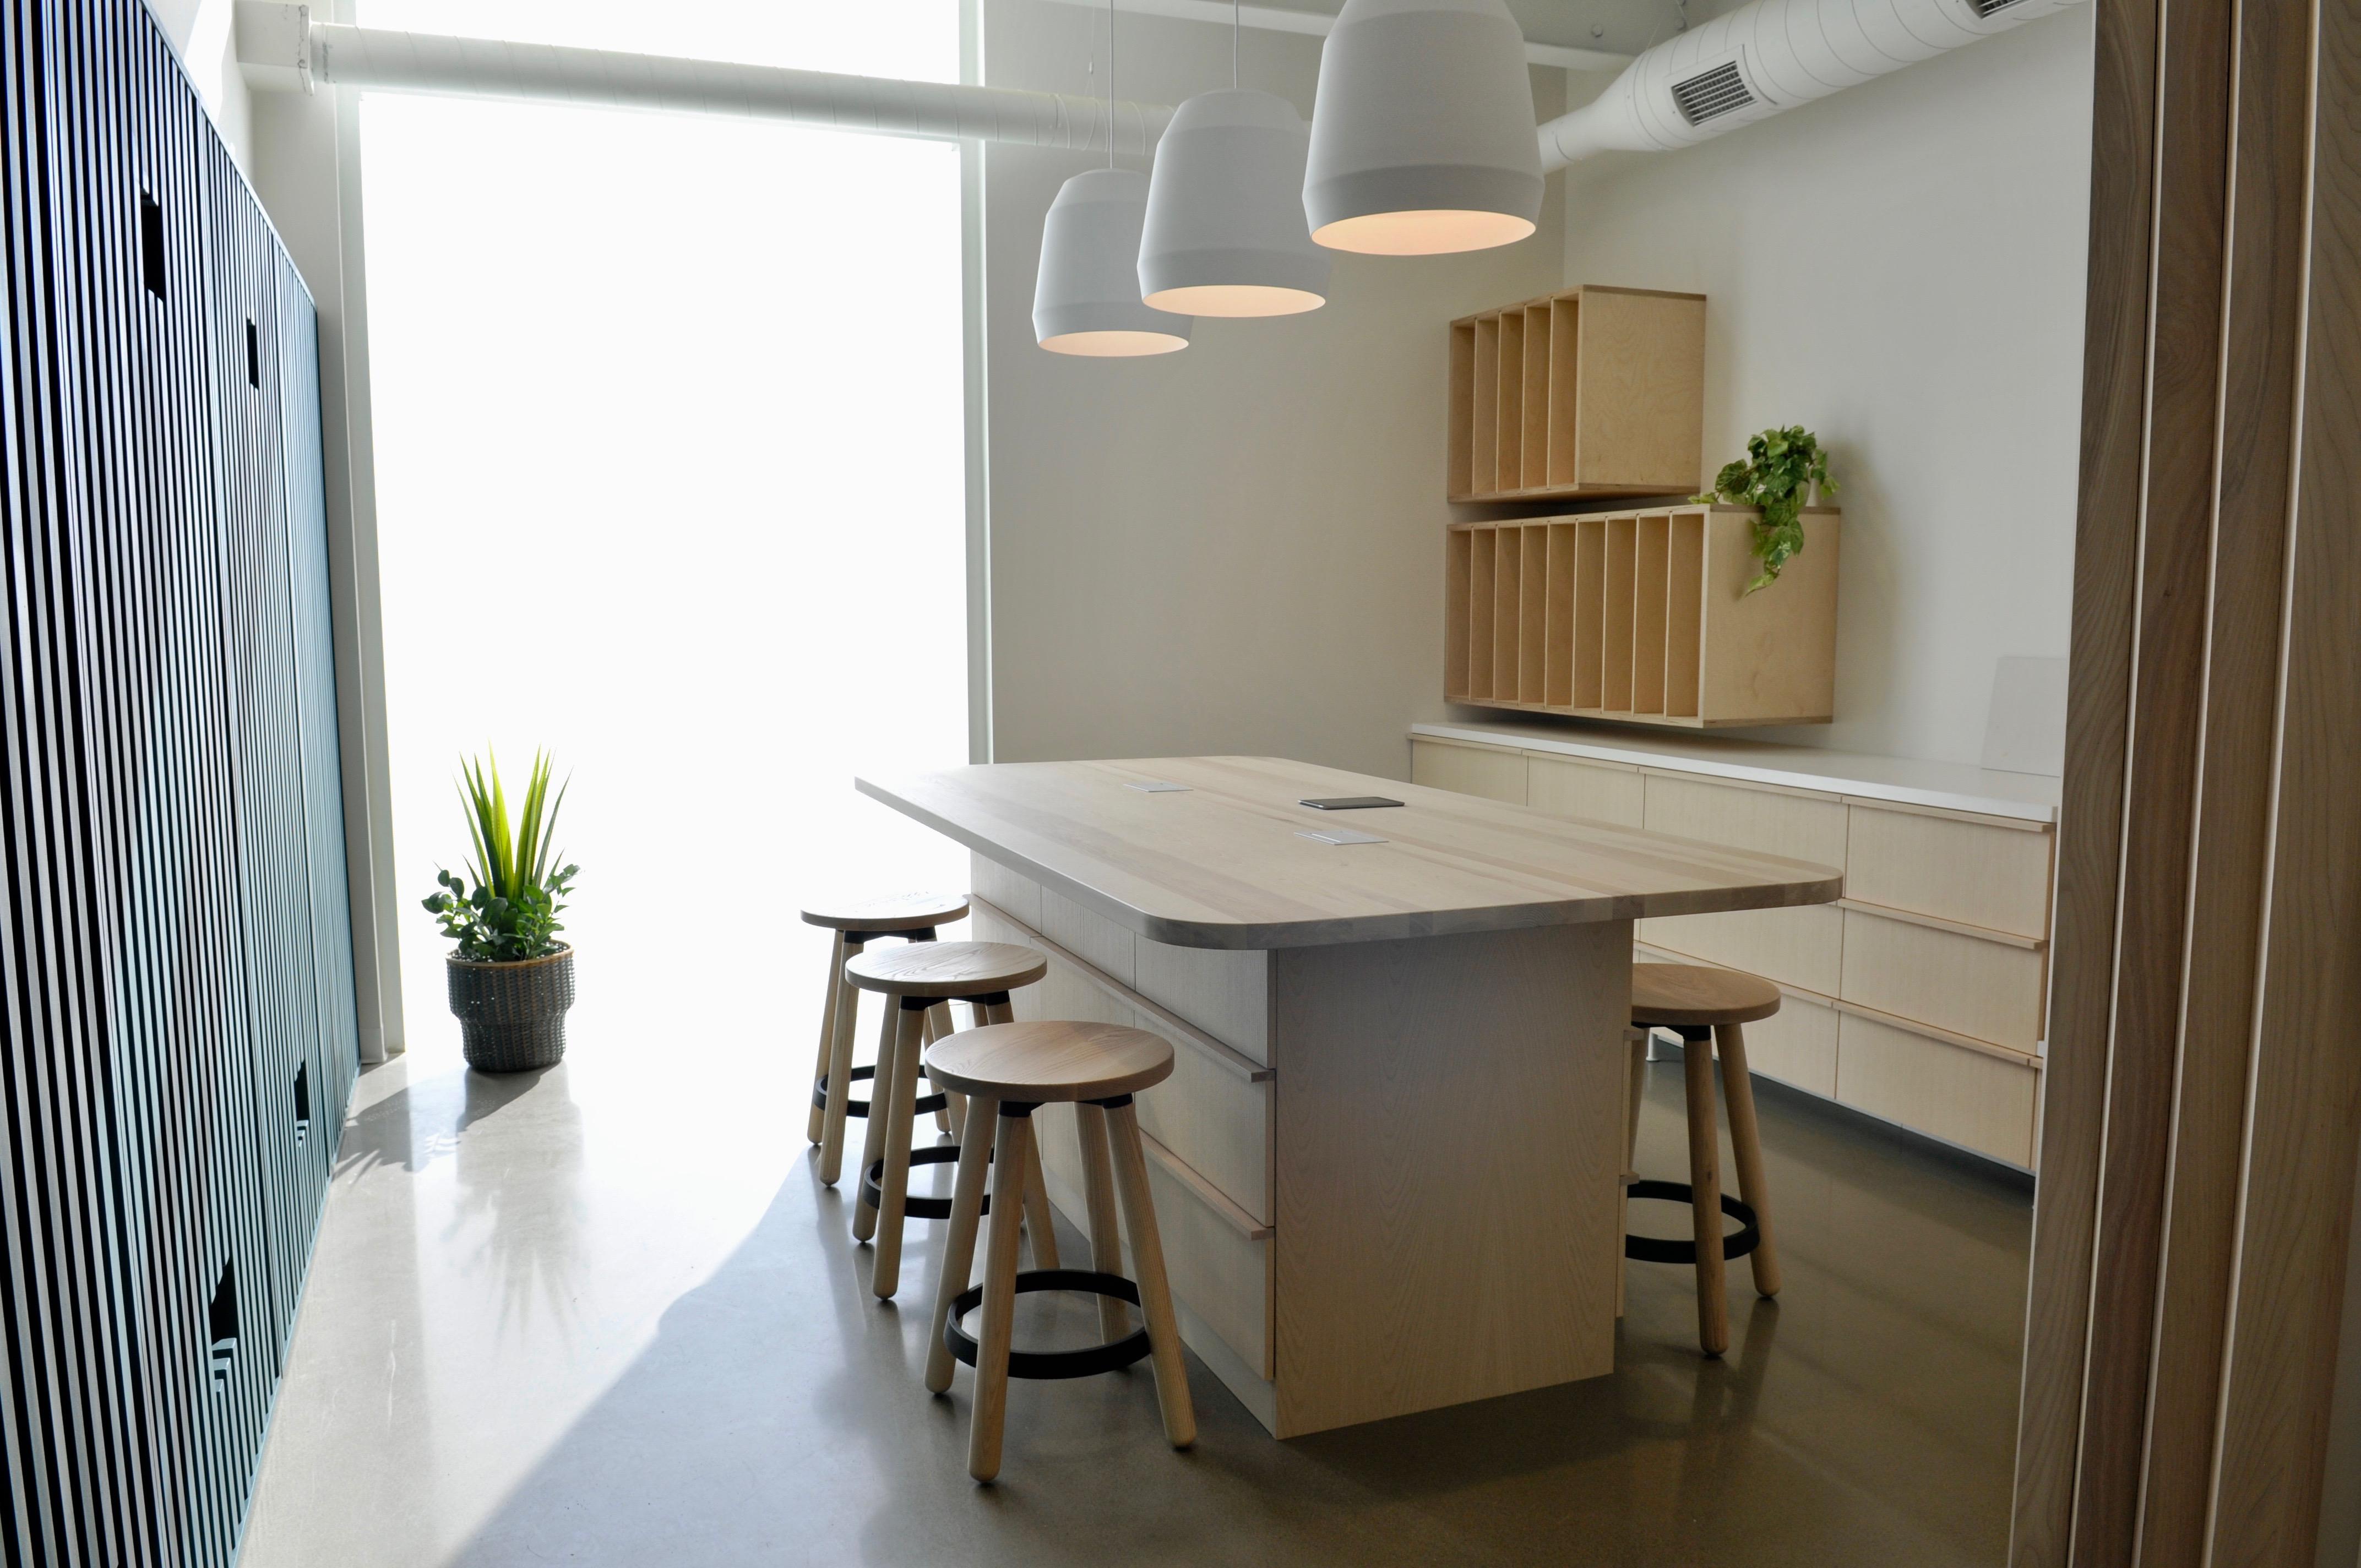 Ouvrages d'ébénisterie et aménagements sur mesure, réalisés pour un complex d'habitations à Terrebonne, Quebec. Fabriqué à Montréal par Amik Ébénisterie.